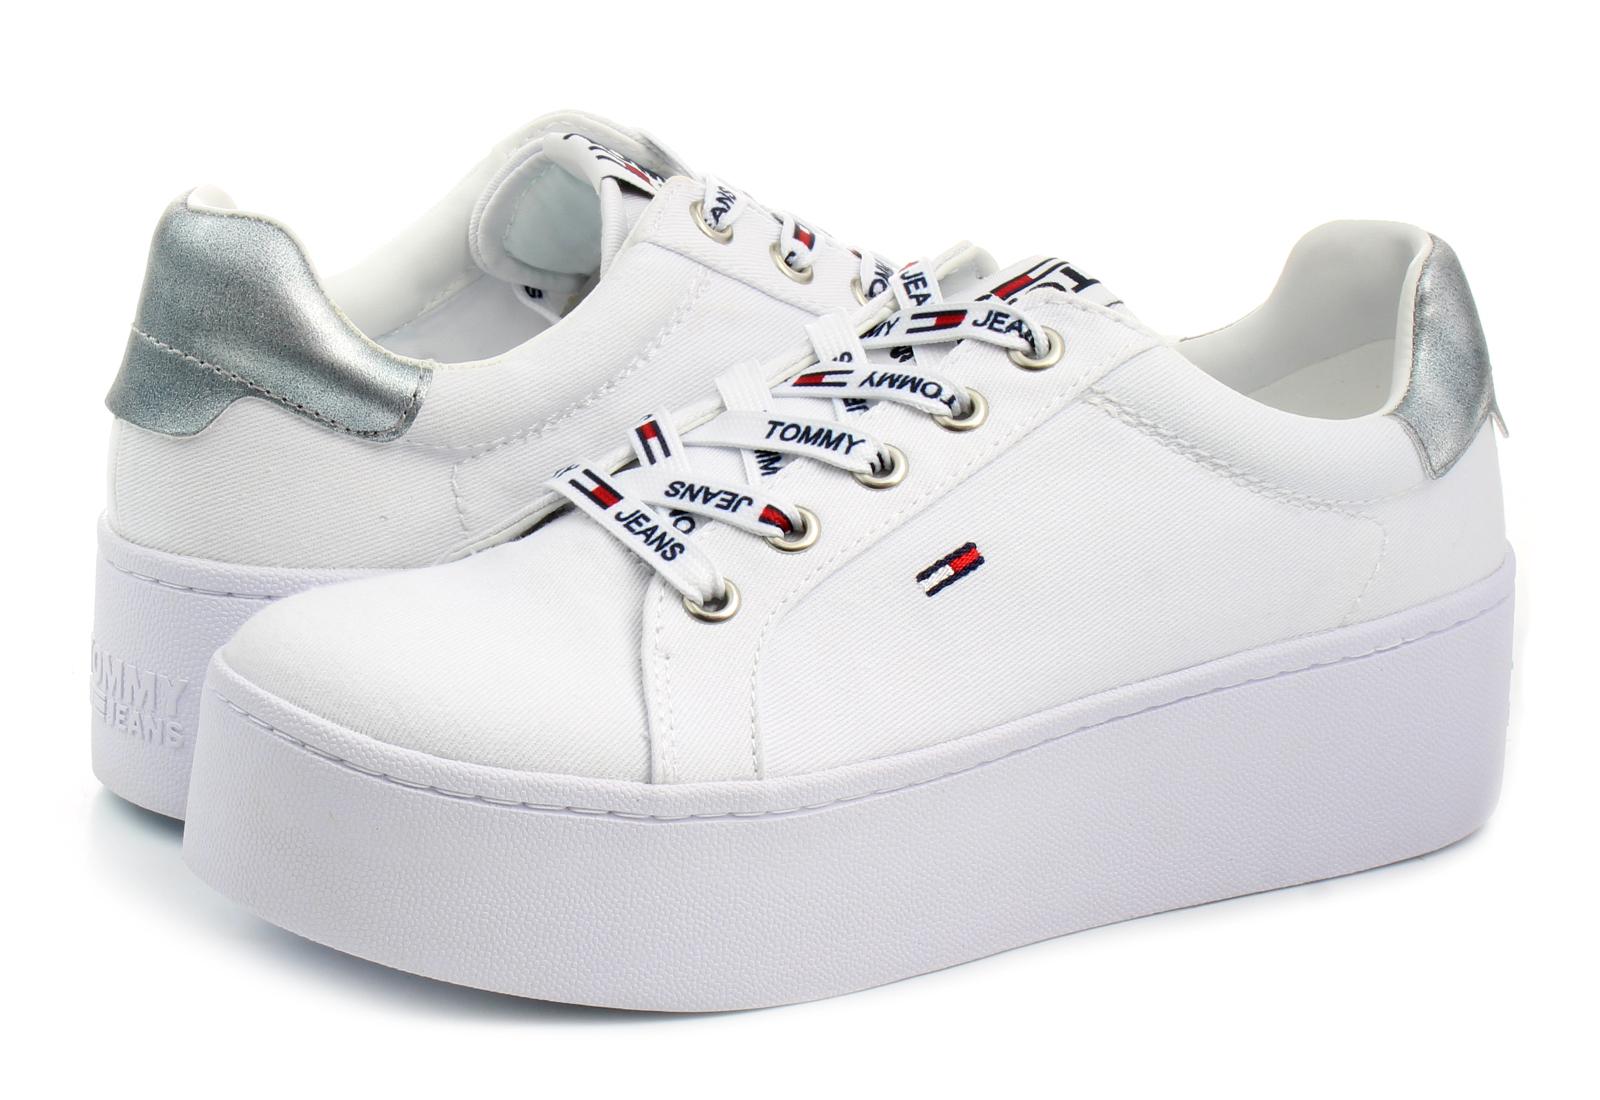 13b5af10ef Tommy Hilfiger Cipő - Roxie 1c1 - 18S-0237-100 - Office Shoes ...